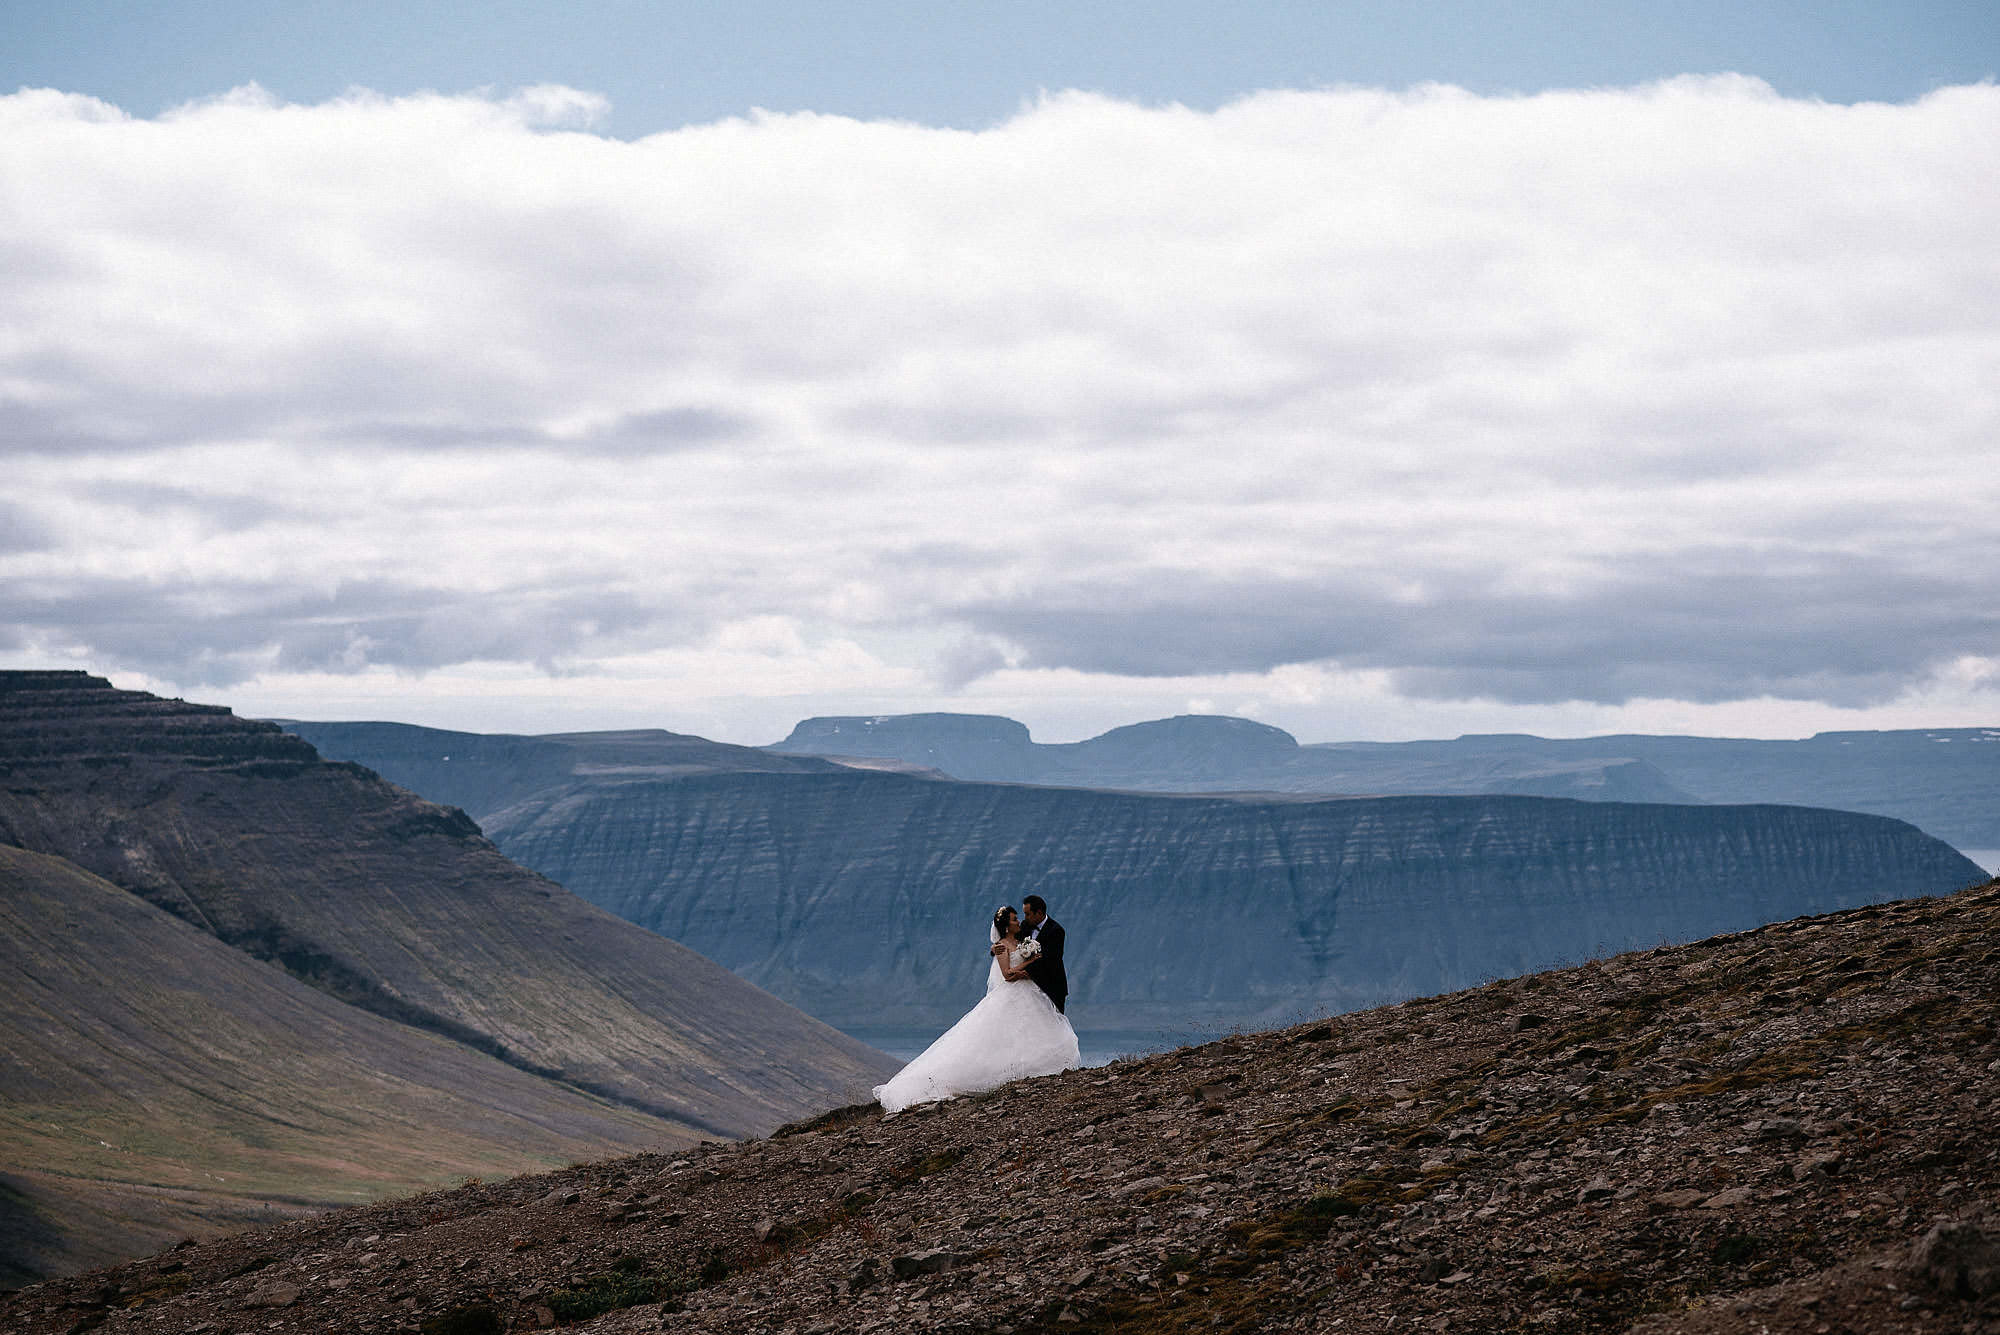 iceland-wedding-photographer_jere-satamo_photography-reykjavik-030.jpg